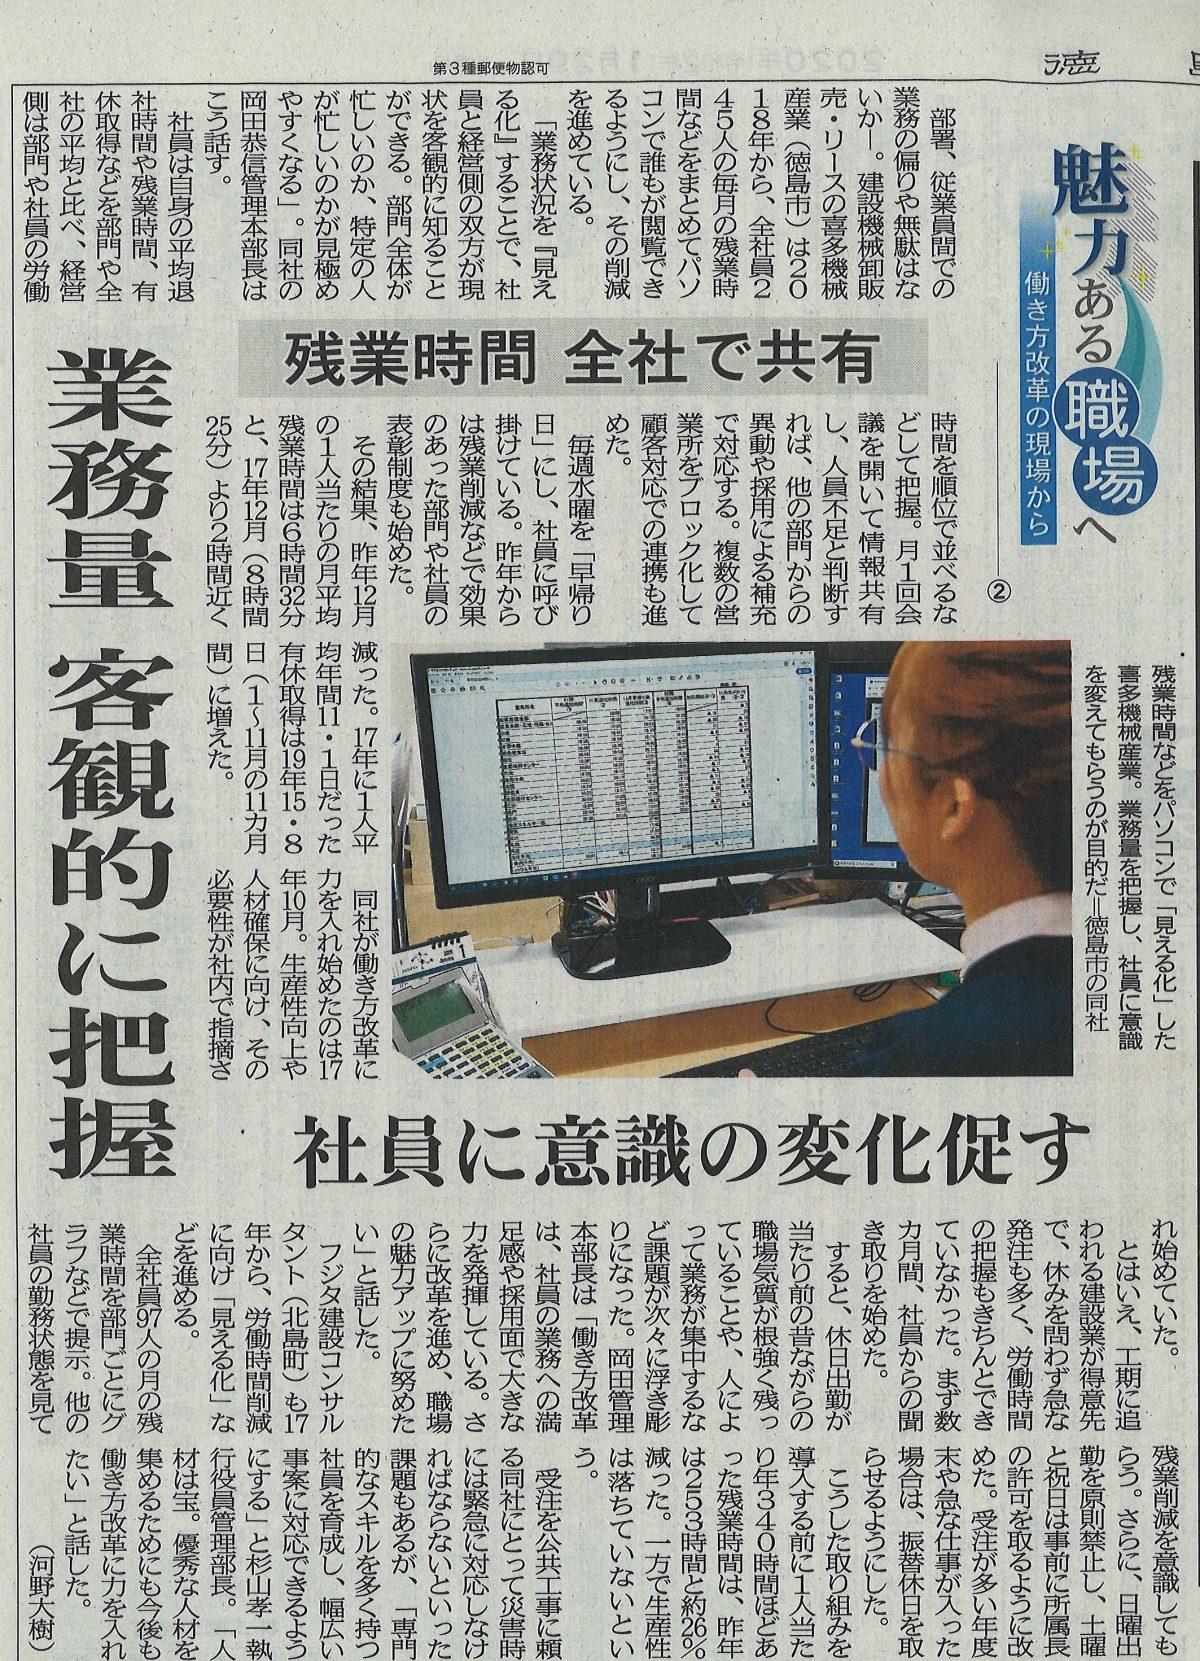 1/29 徳島新聞